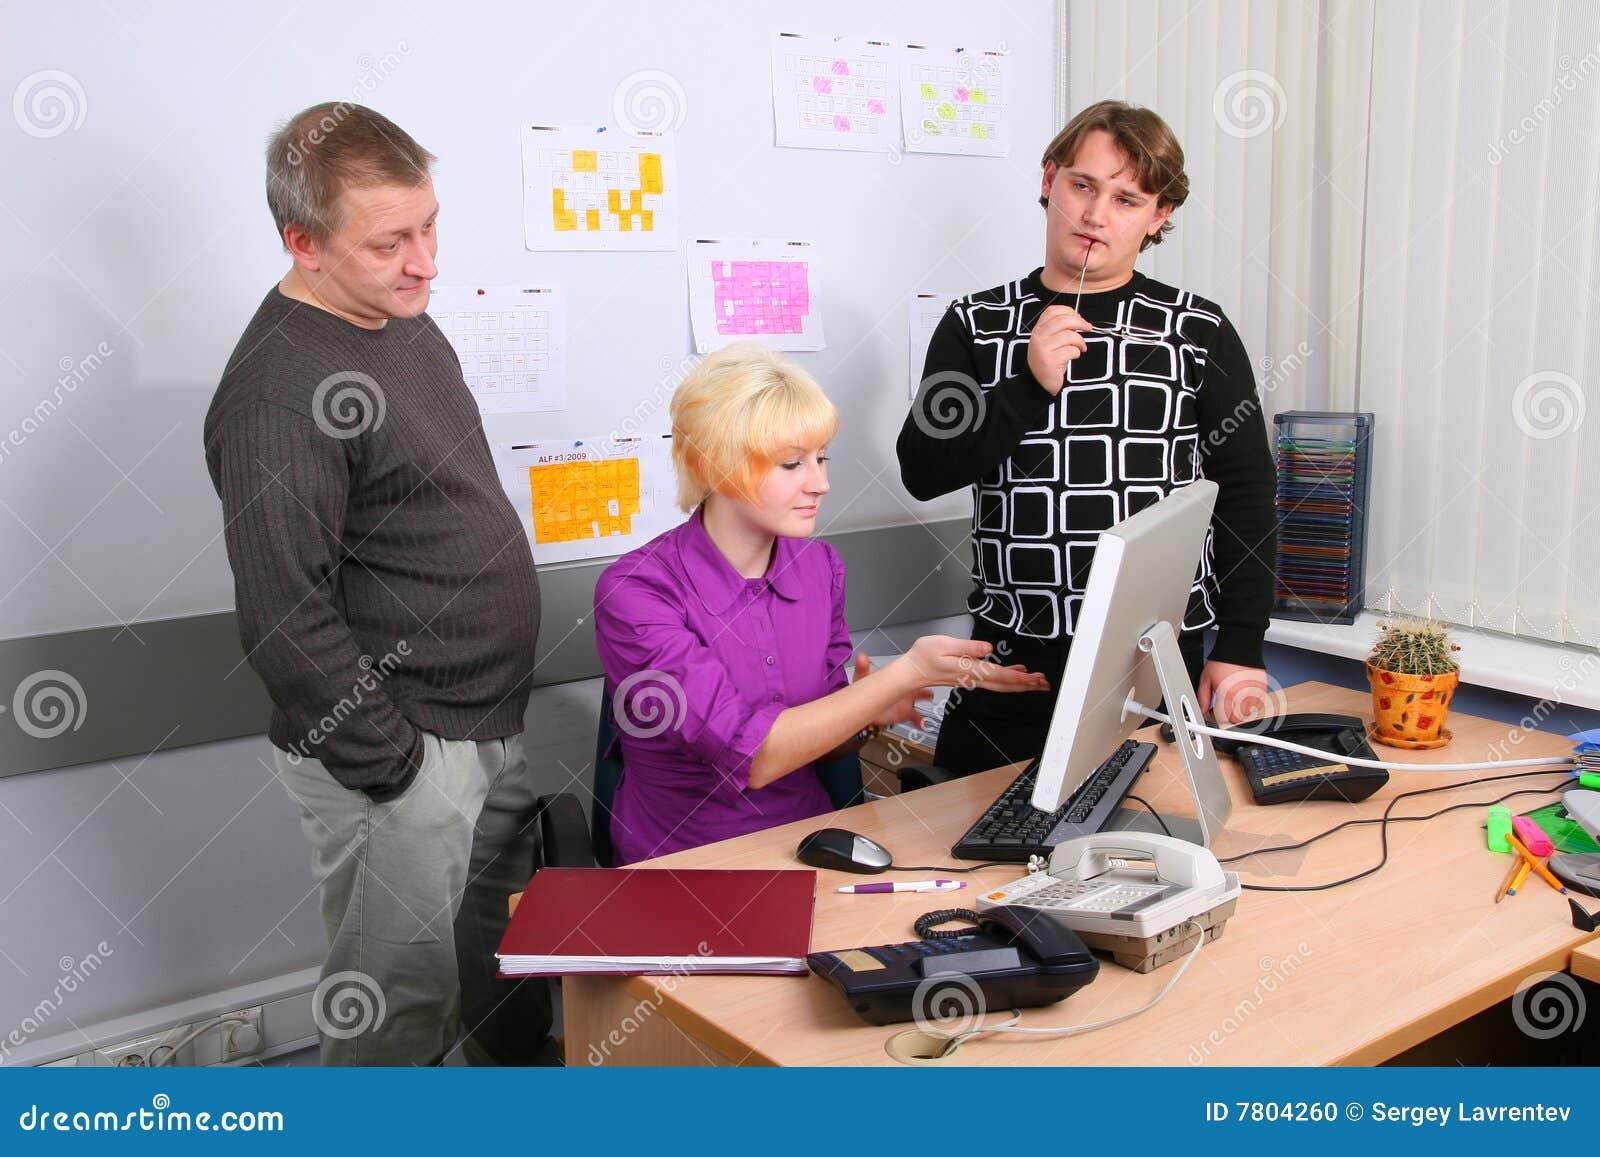 Смотреть начальник и сотрудница 6 фотография